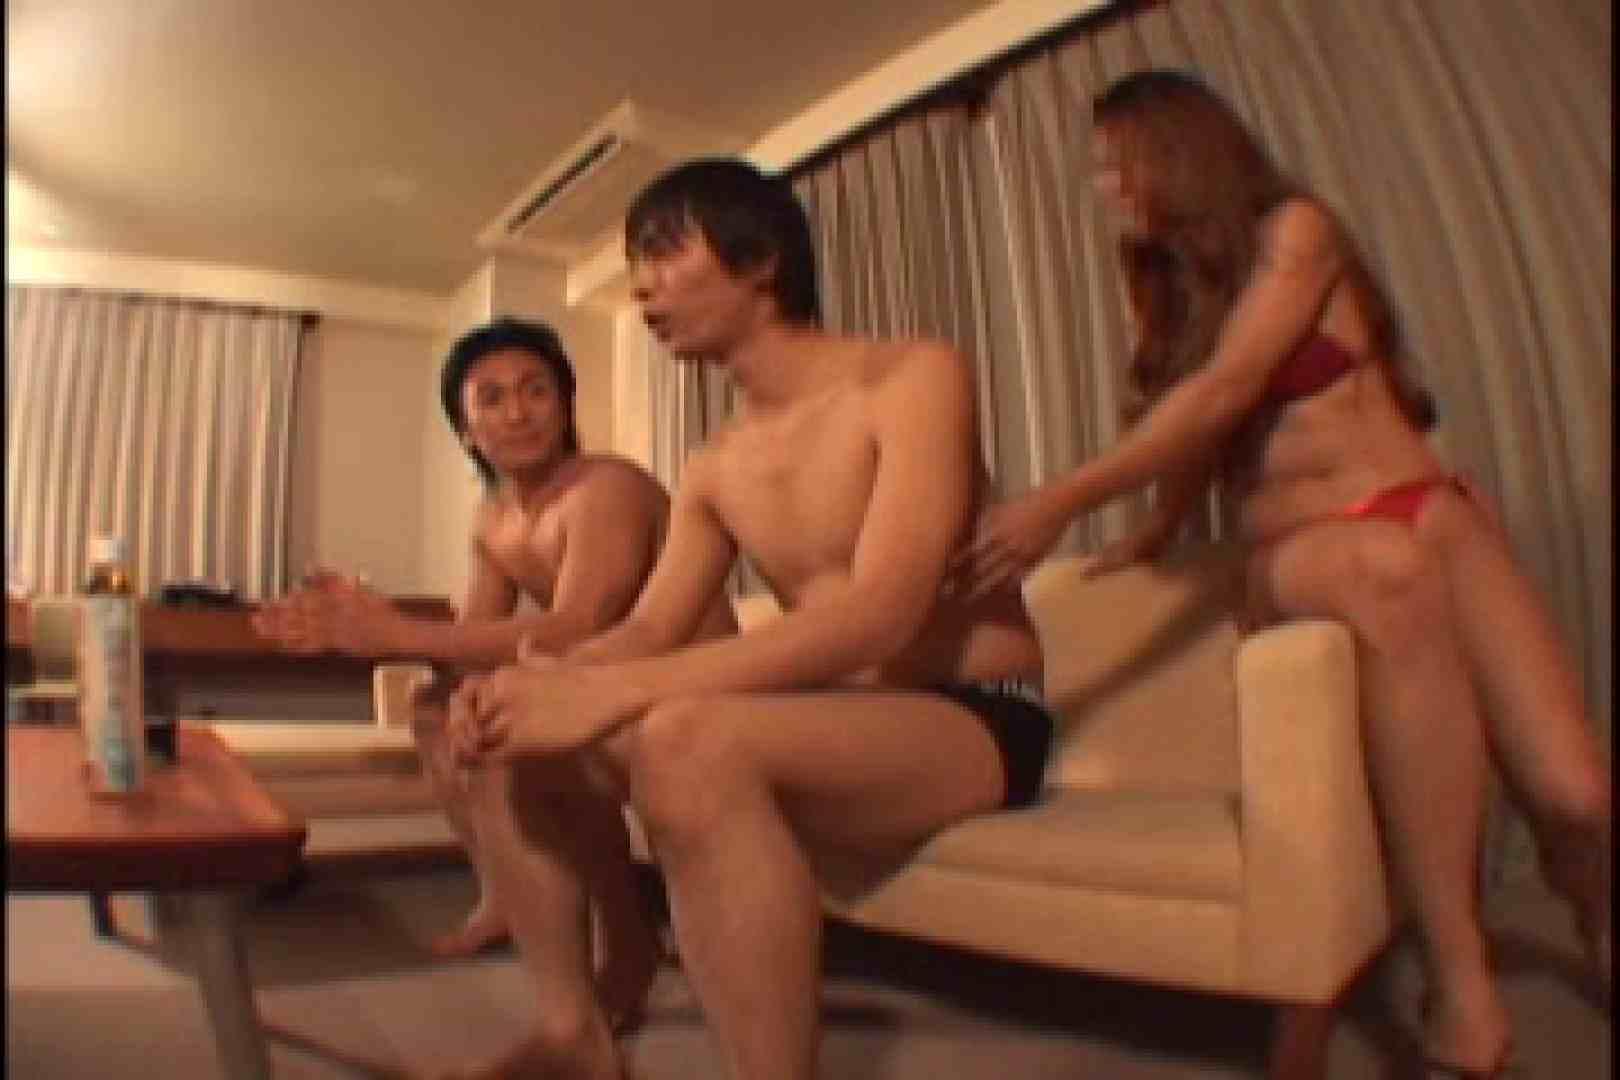 BEST OF イケメン!!男目線のガチSEX vol.04(対女性作品) 男  100pic 45